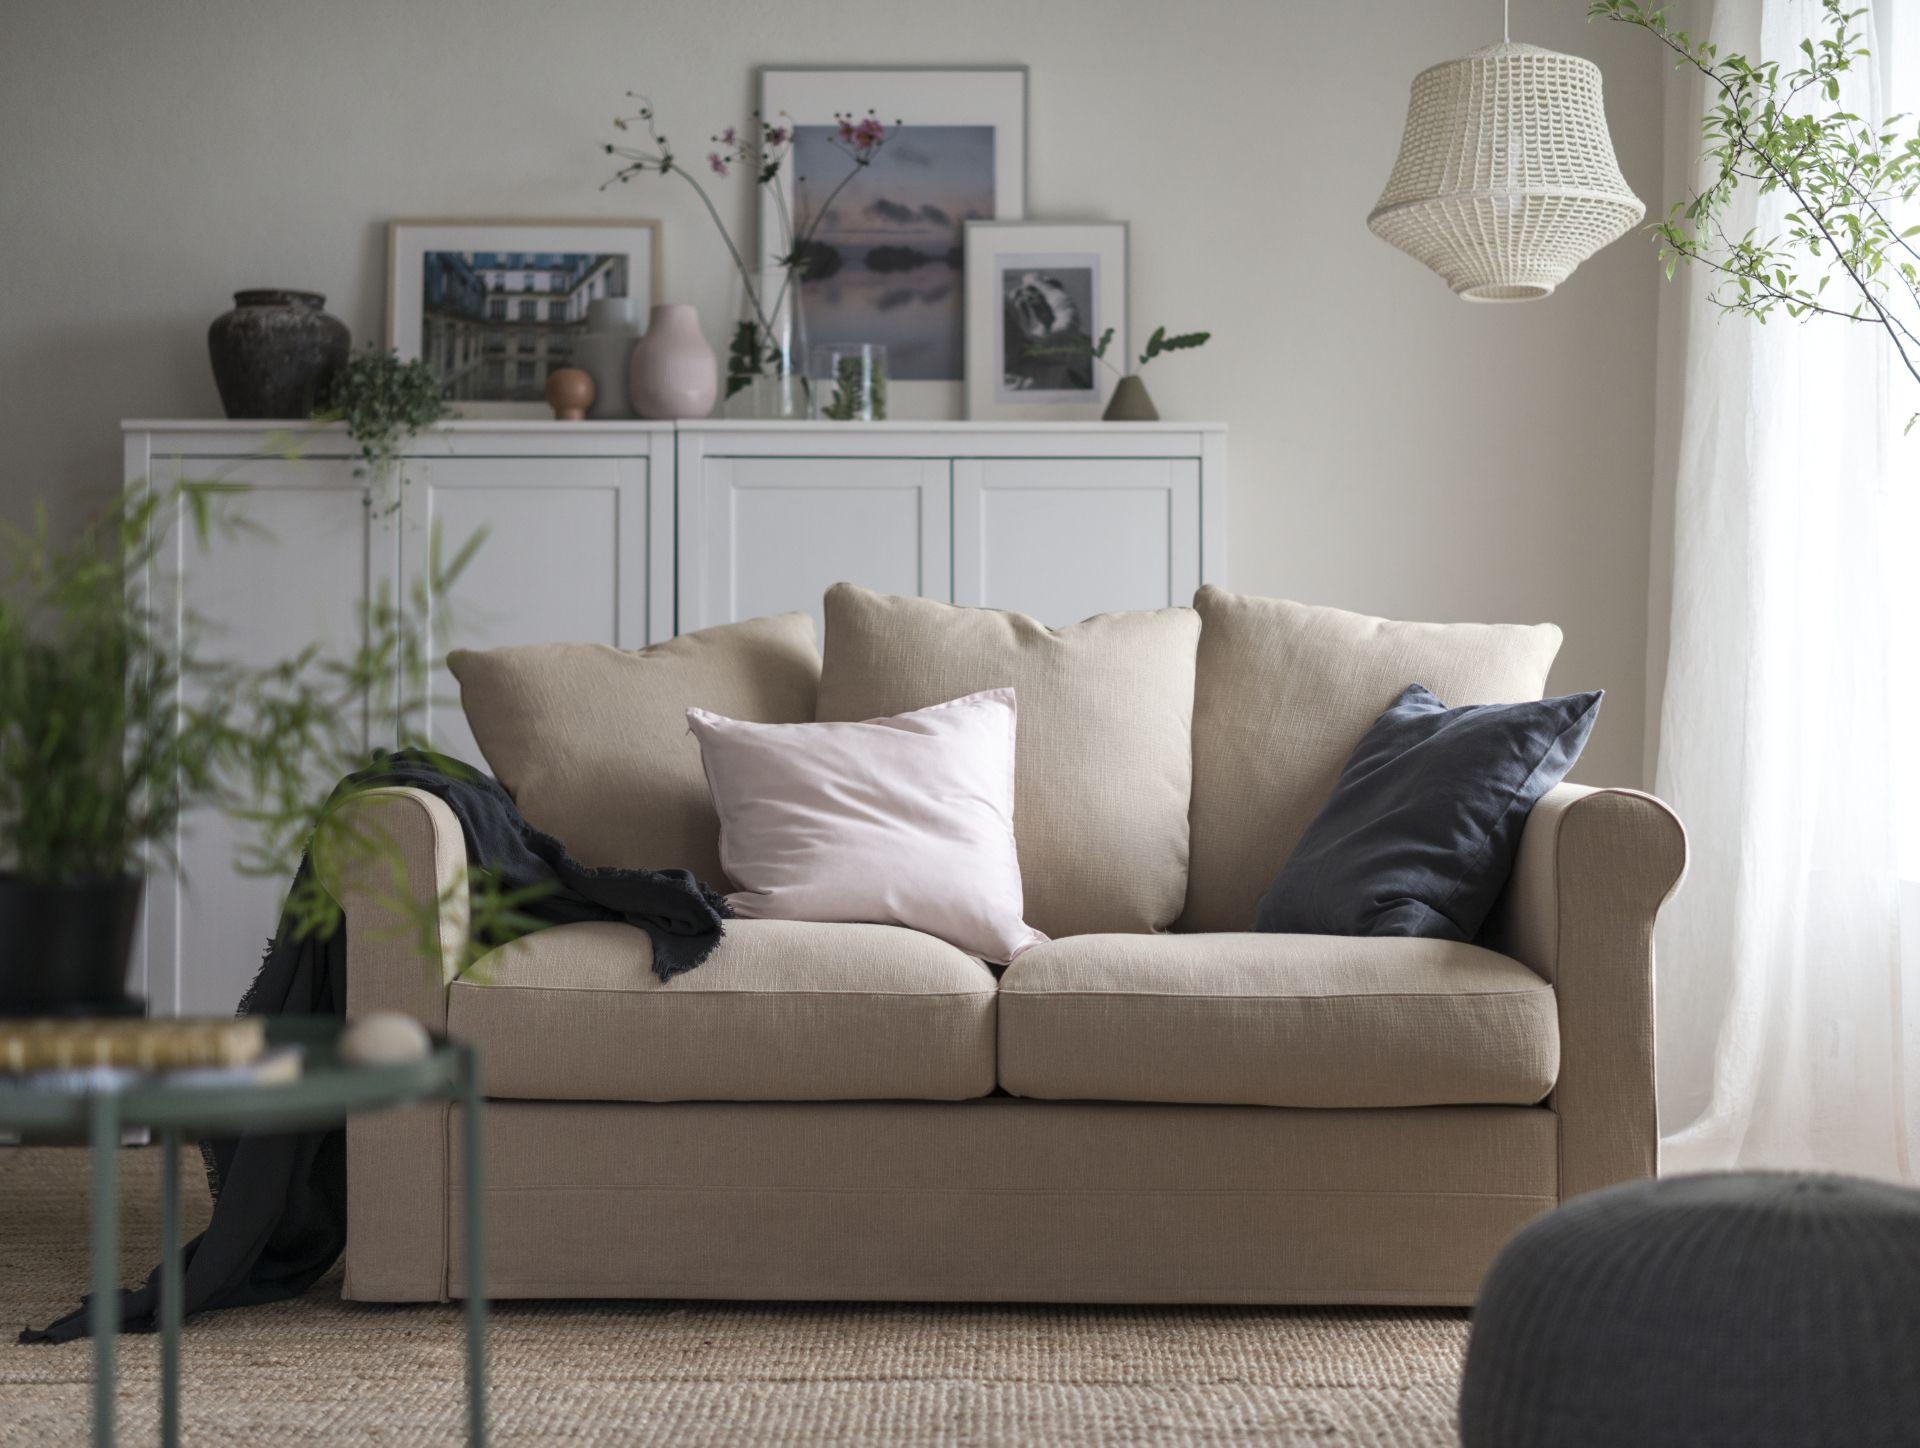 Ikea deutschland ob du nun ein sofa für zwei oder eines für